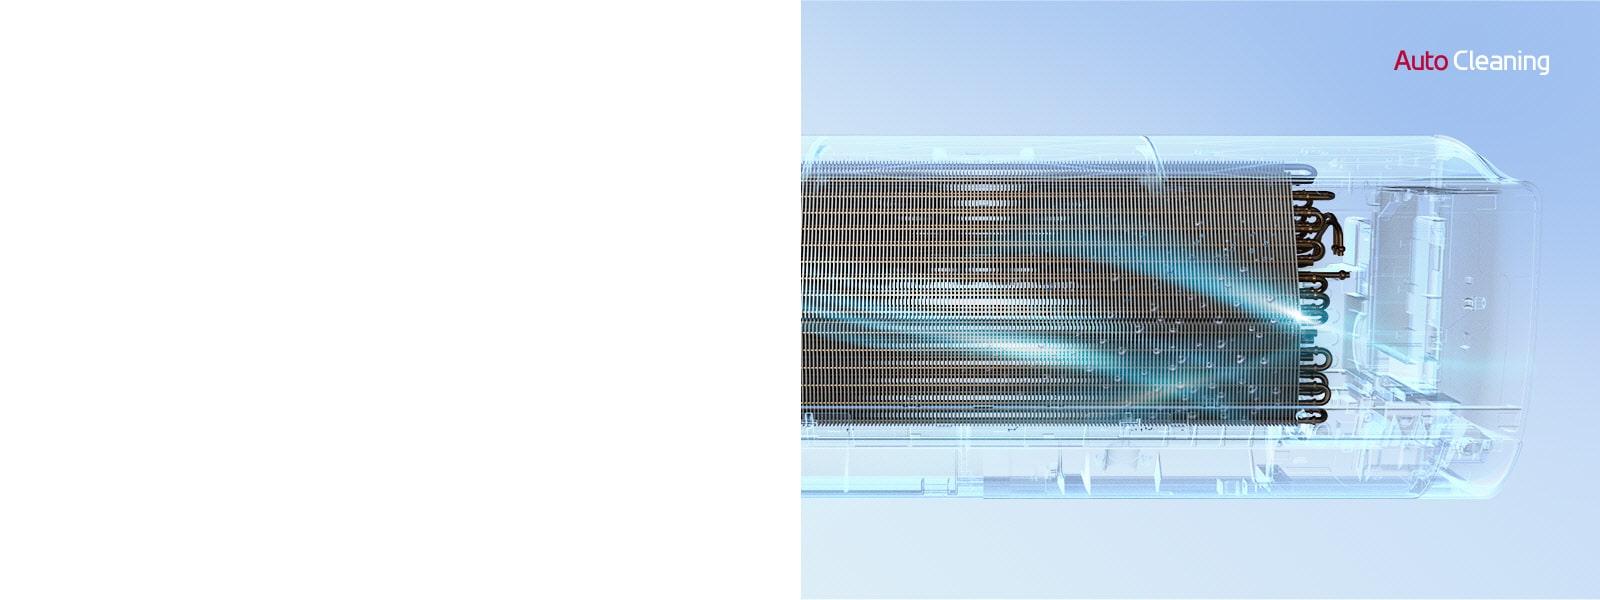 Η πρόσοψη του κλιματιστικού LG με το εξωτερικό του τμήμα πλήρως αόρατο, ώστε να φαίνονται οι εσωτερικές λειτουργίες του μηχανήματος. Το μηχάνημα λειτουργεί και, στη συνέχεια, ένα μπλε φως, ο μηχανισμός αυτόματου καθαρισμού, ενεργοποιείται και καθαρίζει το μηχάνημα με ένα μπλε φως. Το λογότυπο AutoCleaning βρίσκεται στην άνω δεξιά γωνία.